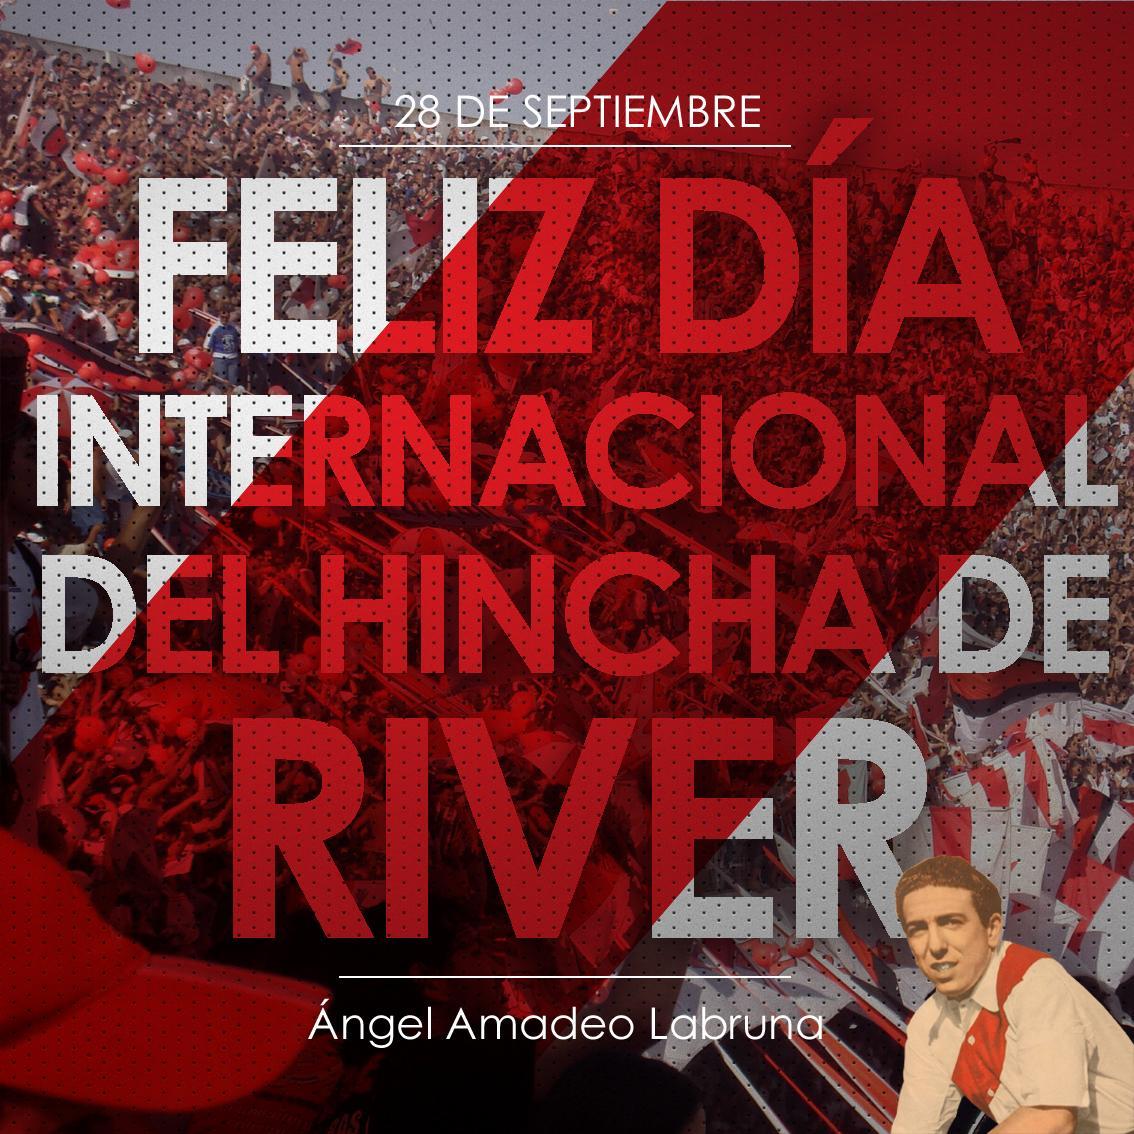 ¡Feliz #DíaInternacionalDelHinchaDeRiver! http://t.co/ESMG4olkbx